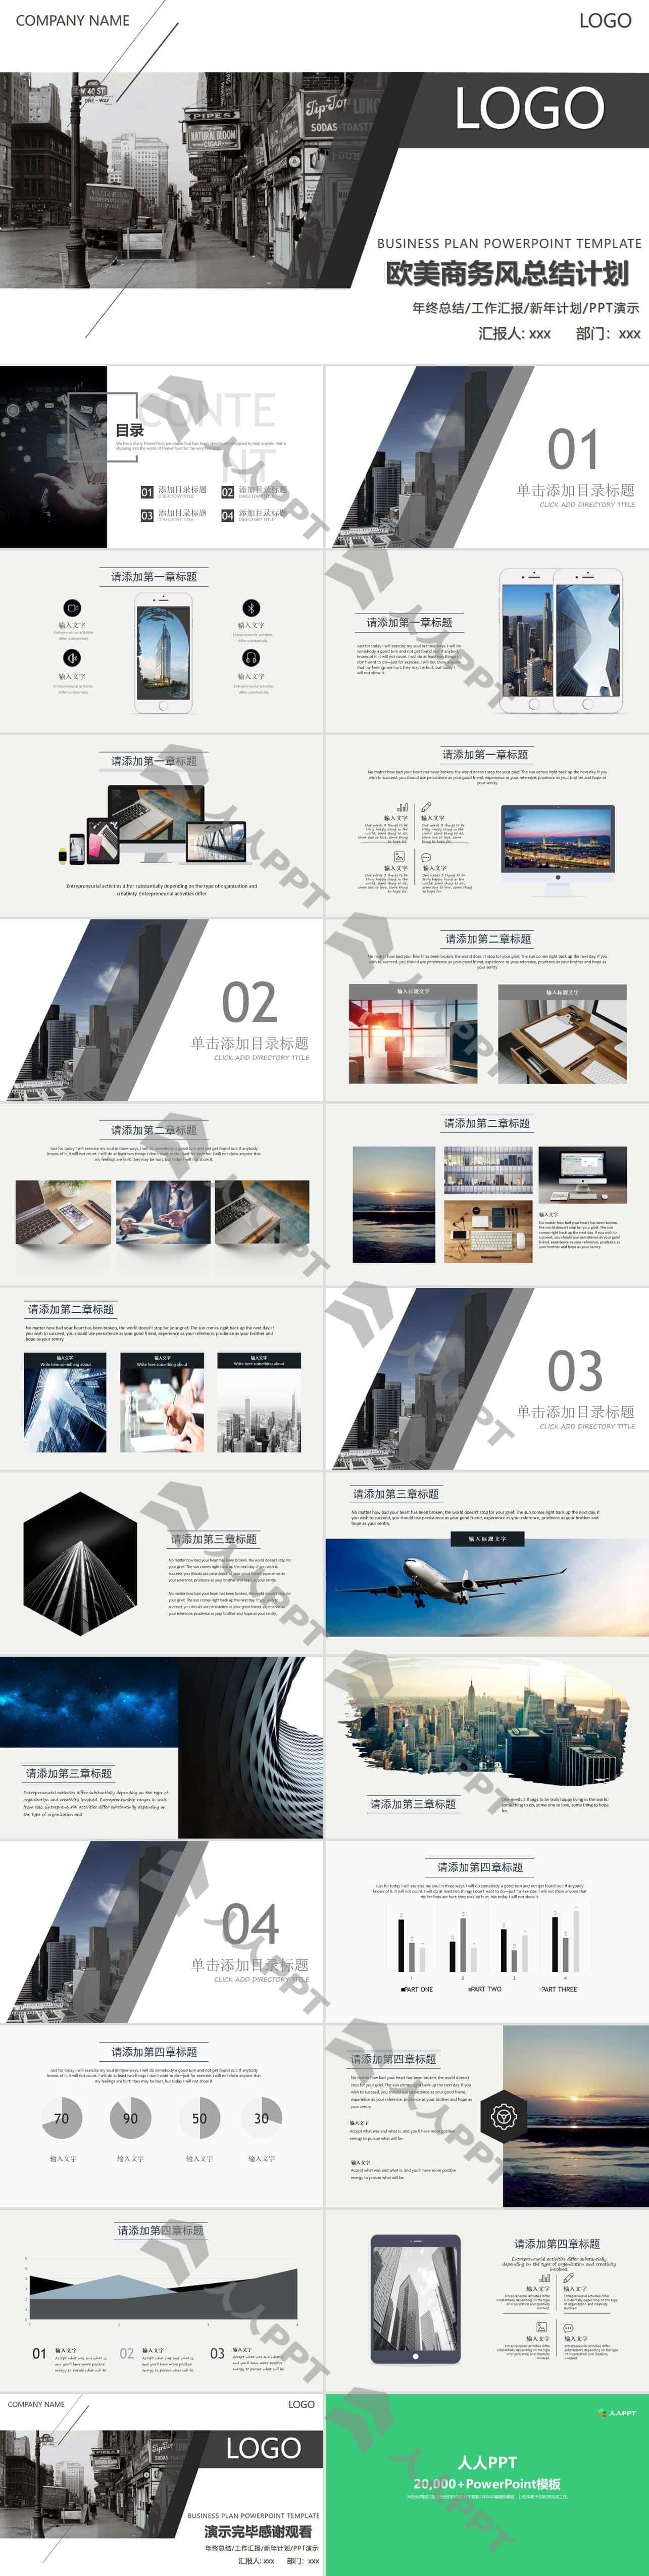 几何风时尚欧美范商务总结计划PPT模板长图